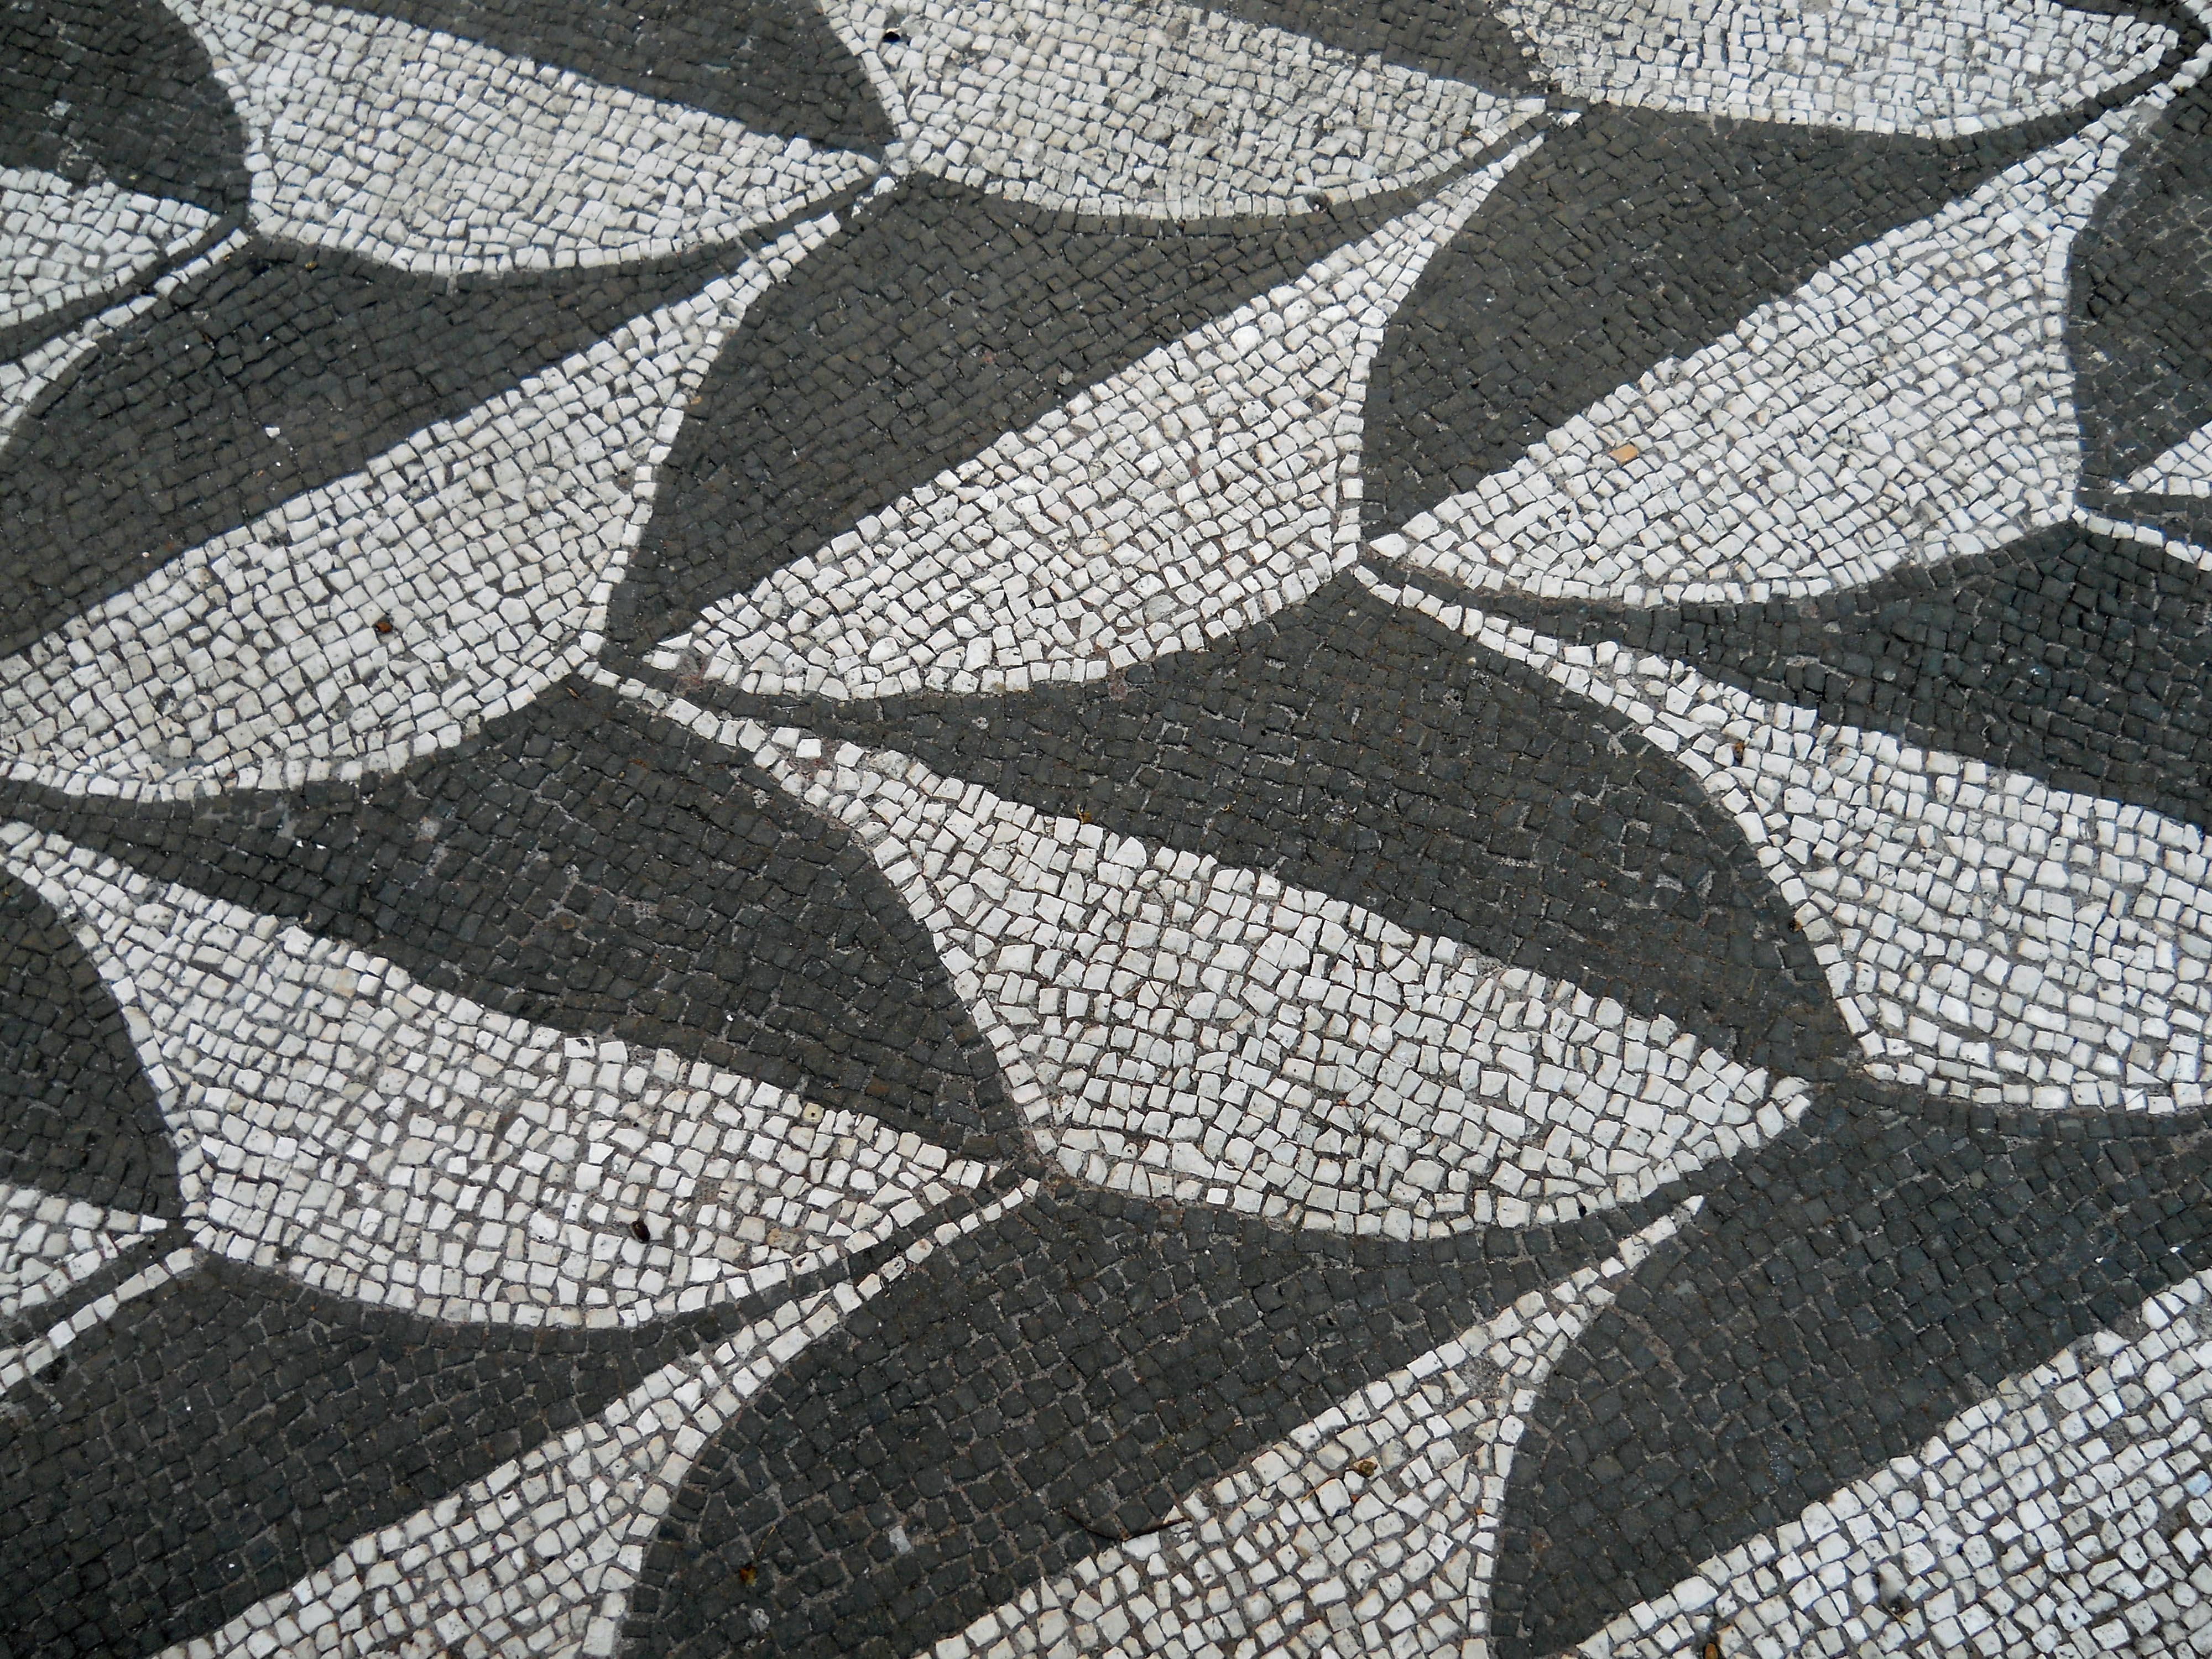 Roman Baths Mosaic